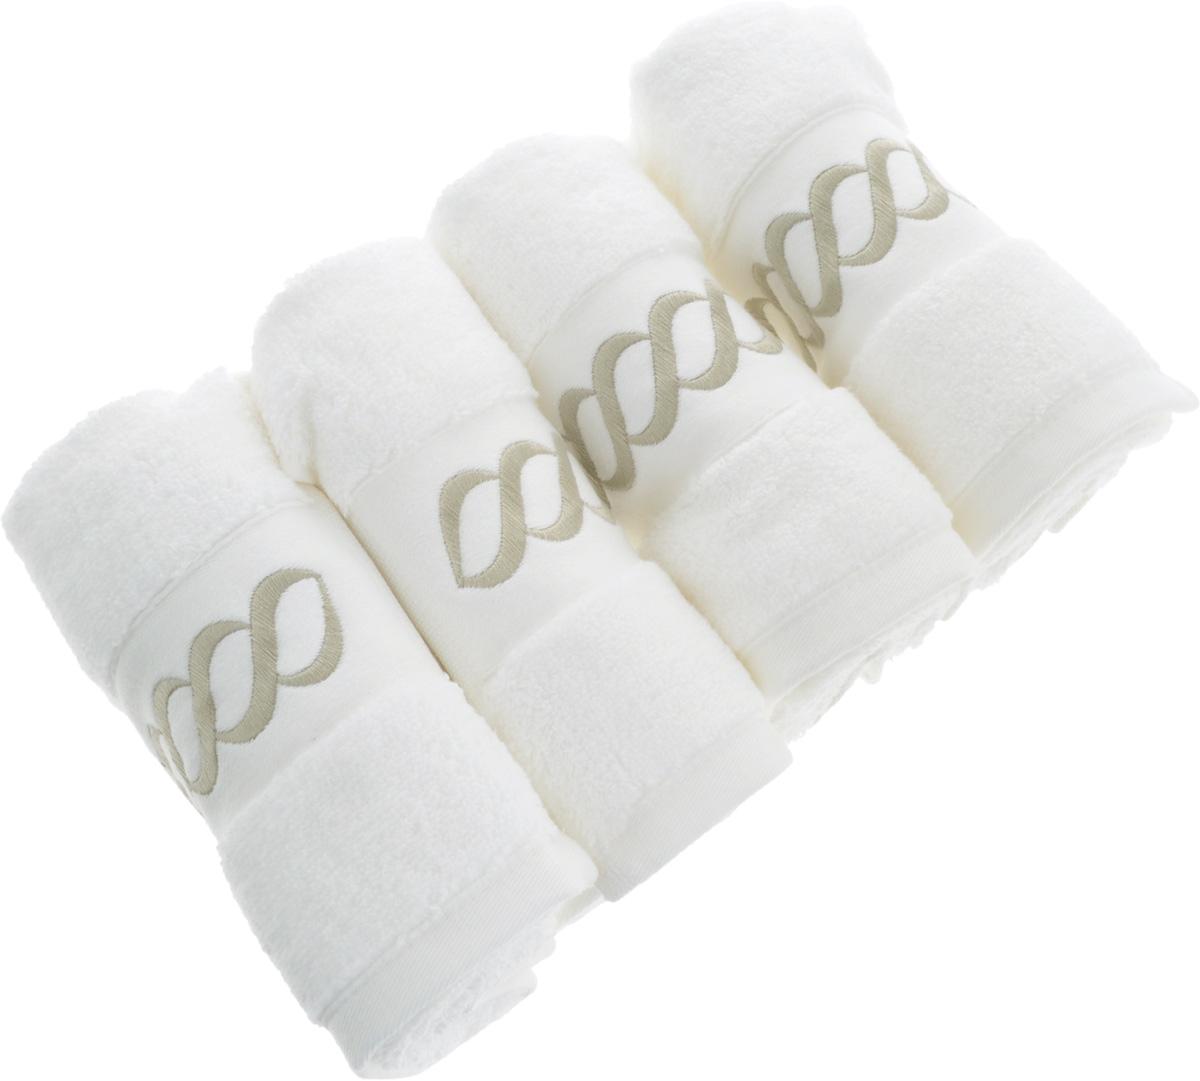 Набор махровых полотенец Issimo Home Pauline, цвет: белый, бежевый, 30 x 50 см, 4 шт4743Набор полотенец Issimo Home Pauline выполнен из натуральной махровой ткани (100% хлопок). Изделия отлично впитывают влагу, быстро сохнут и не теряют форму даже после многократных стирок. Рекомендации по уходу: - режим стирки при 40°C, - допускается обычная химчистка, - отбеливание запрещено, - глажка при температуре подошвы утюга до 110°С, - барабанный отжим запрещен. Размер полотенца: 30 x 50 см.